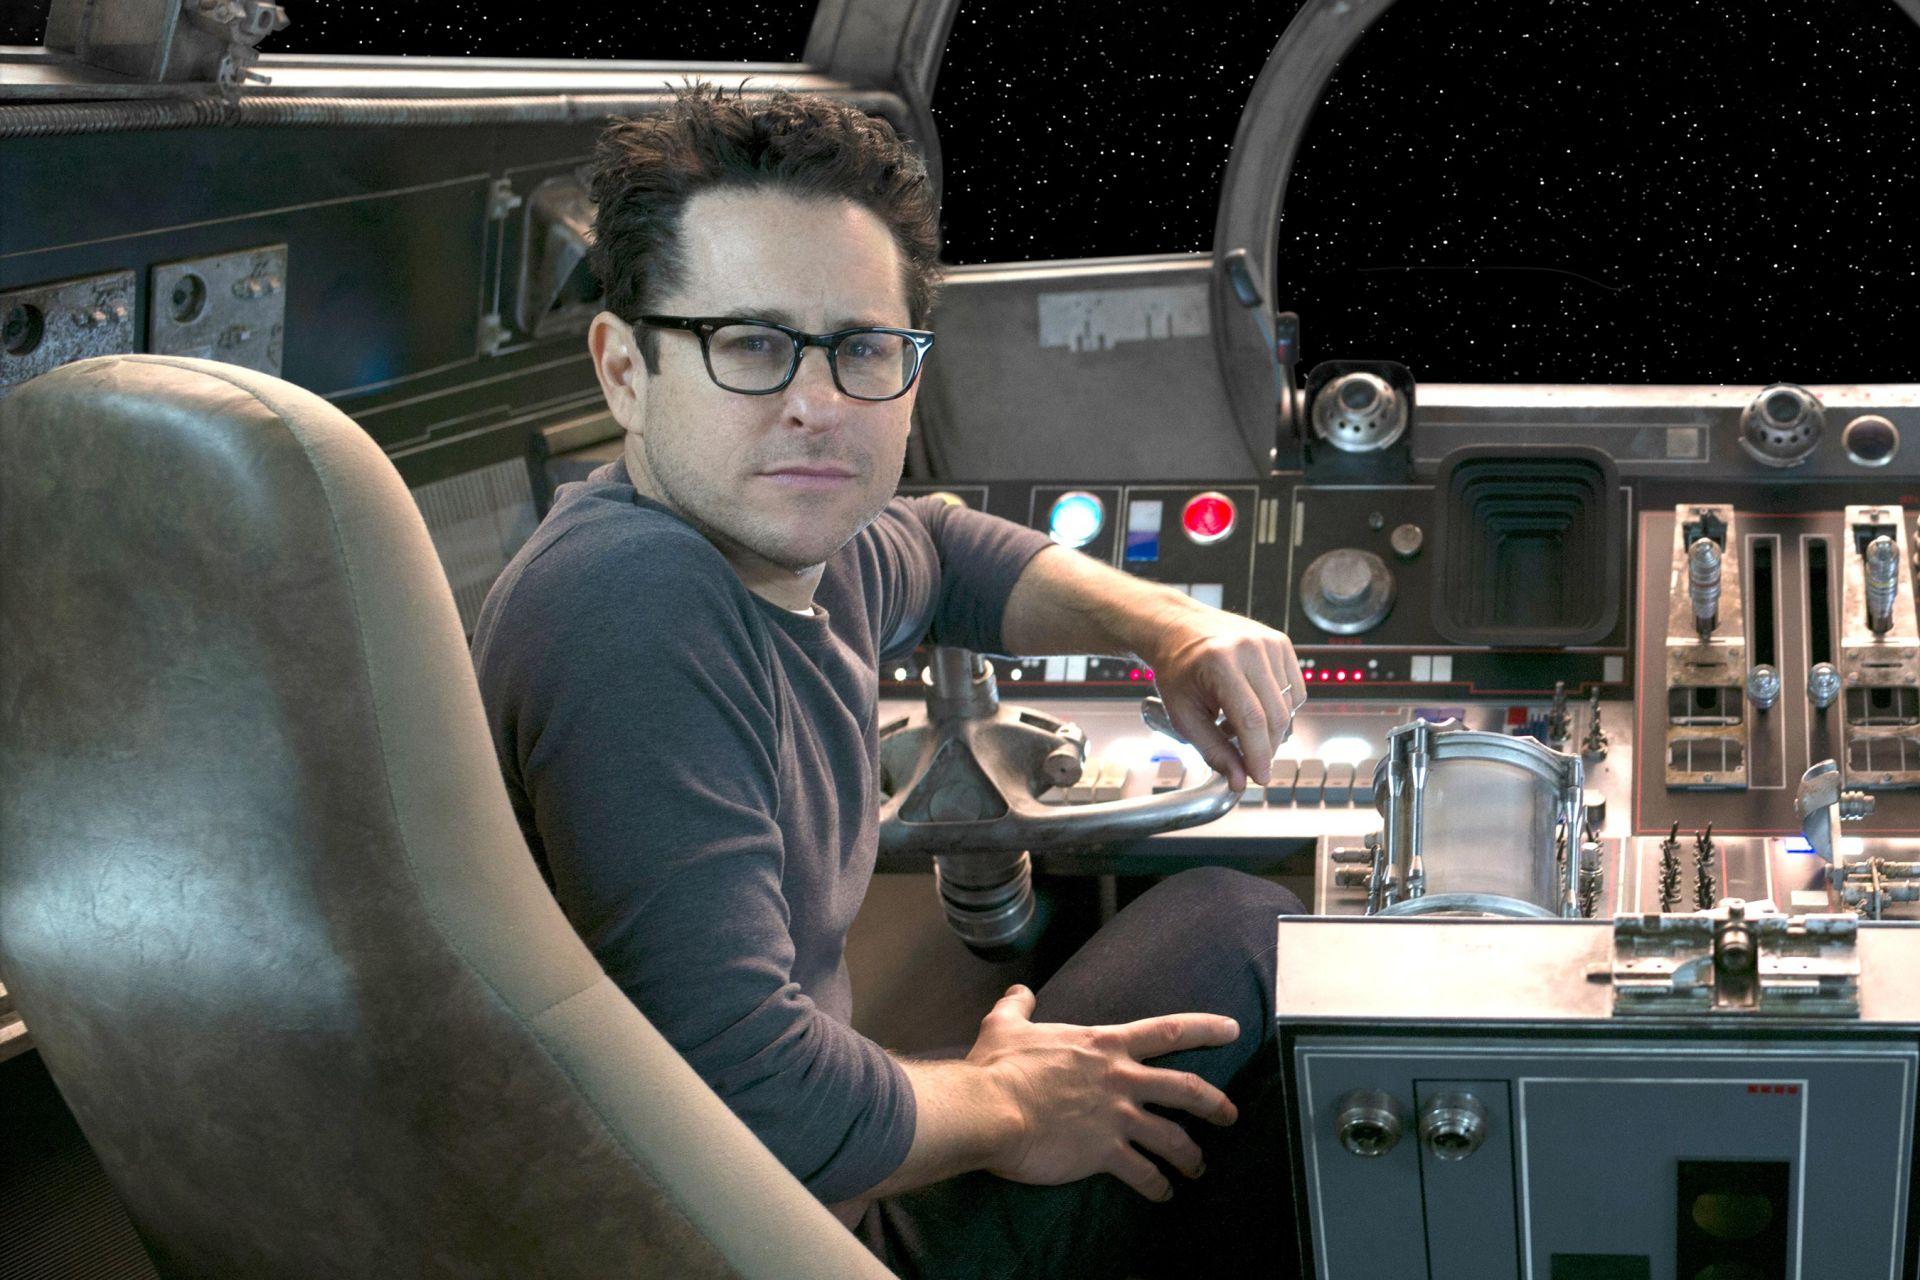 Star Wars: A Ascensão Skywalker, com J.J. Abrams